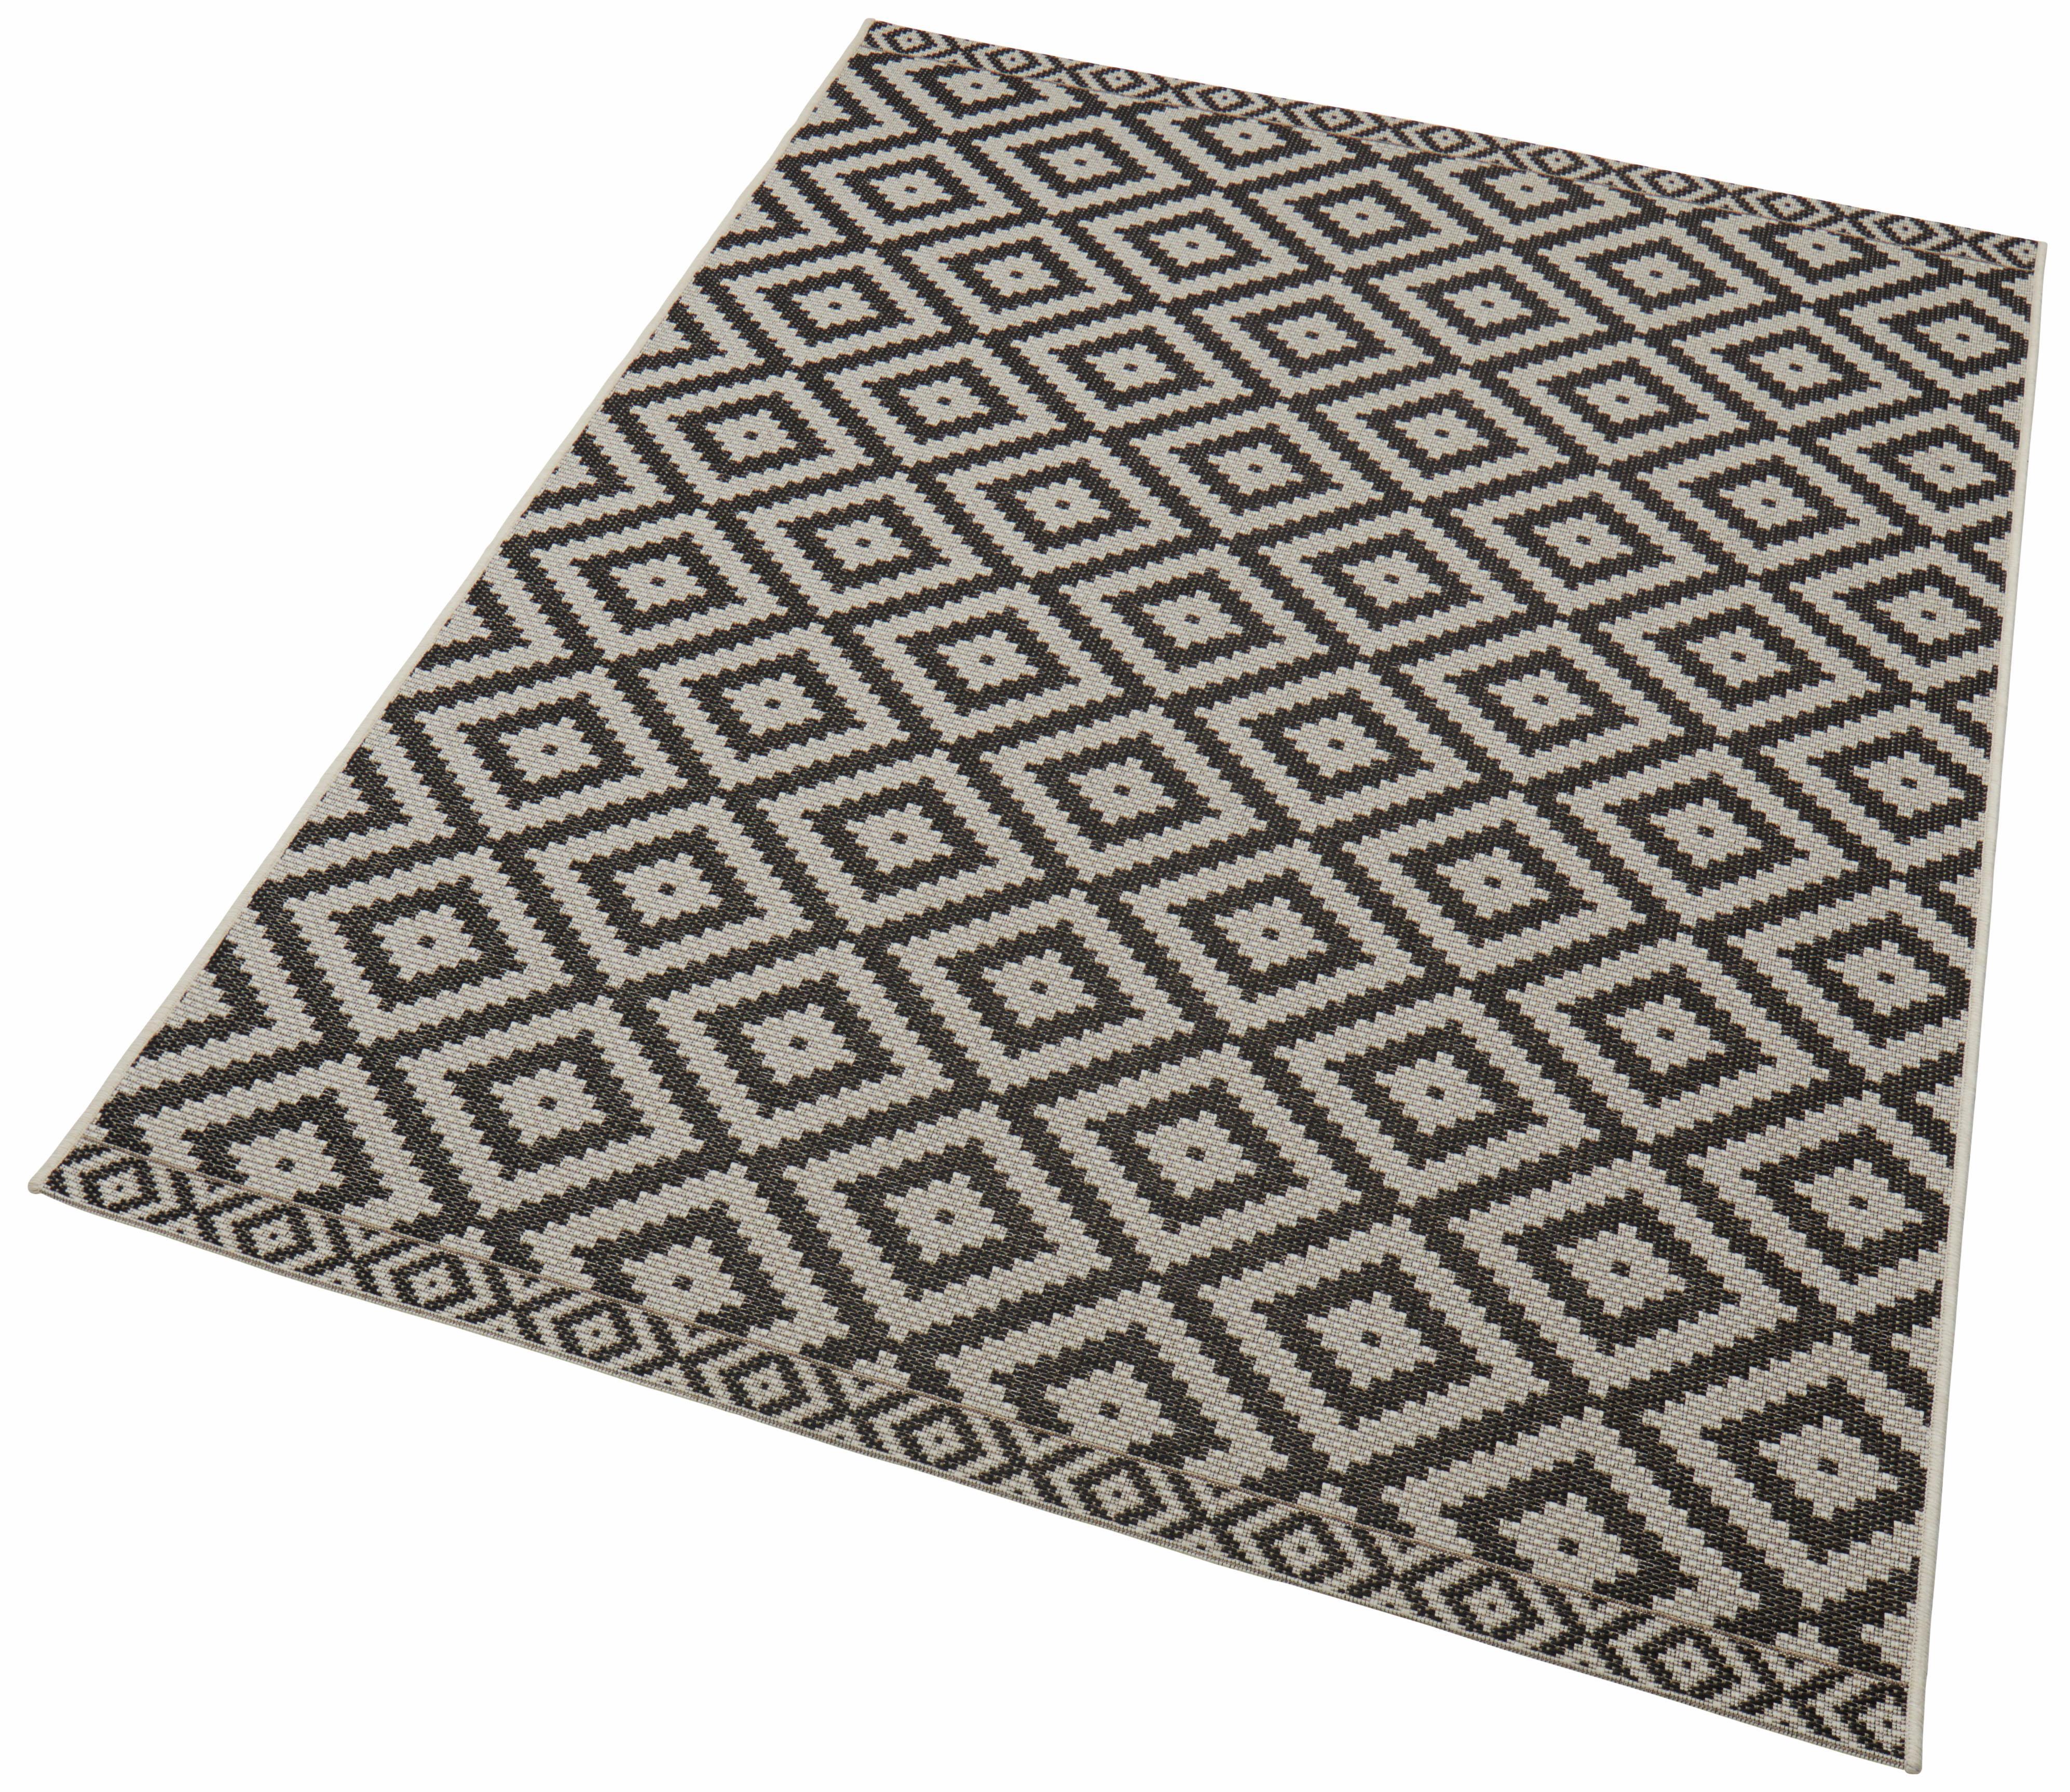 Teppich Summer freundin Home Collection rechteckig Höhe 4 mm maschinell gewebt